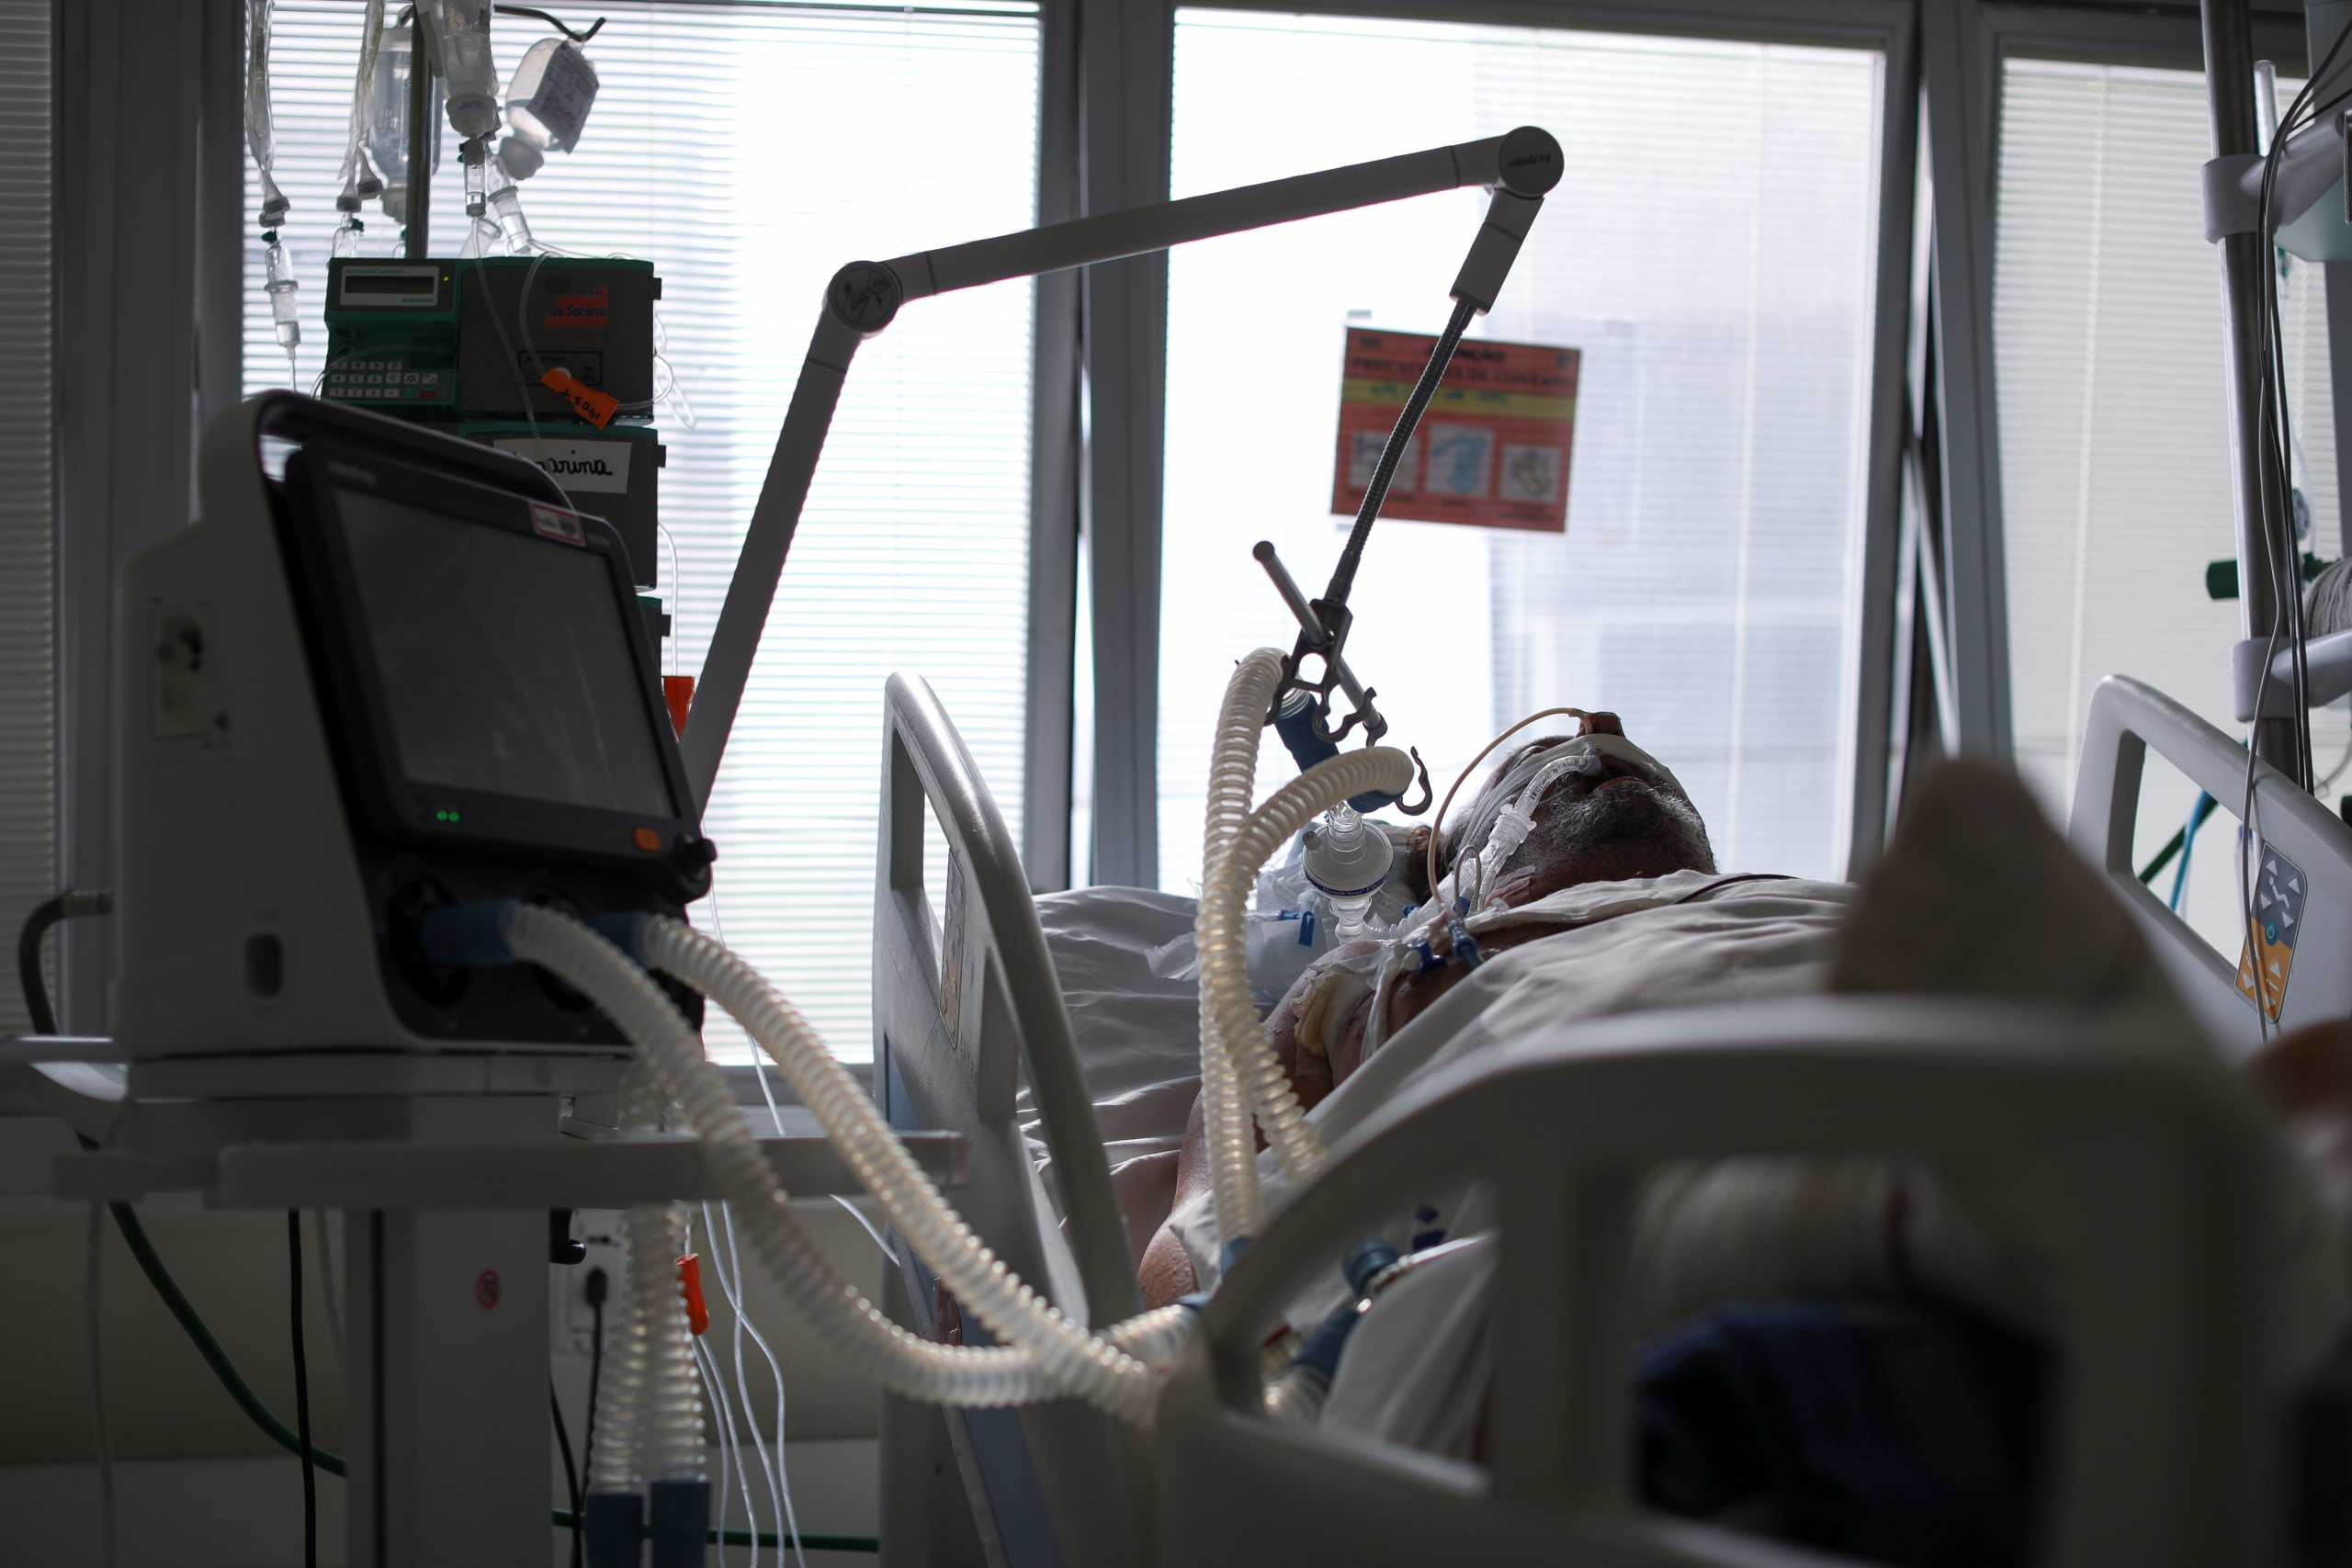 Κορονοϊός – Έρευνα: Χειρότερη η έκβαση για τους ασθενείς με υψηλό σάκχαρο